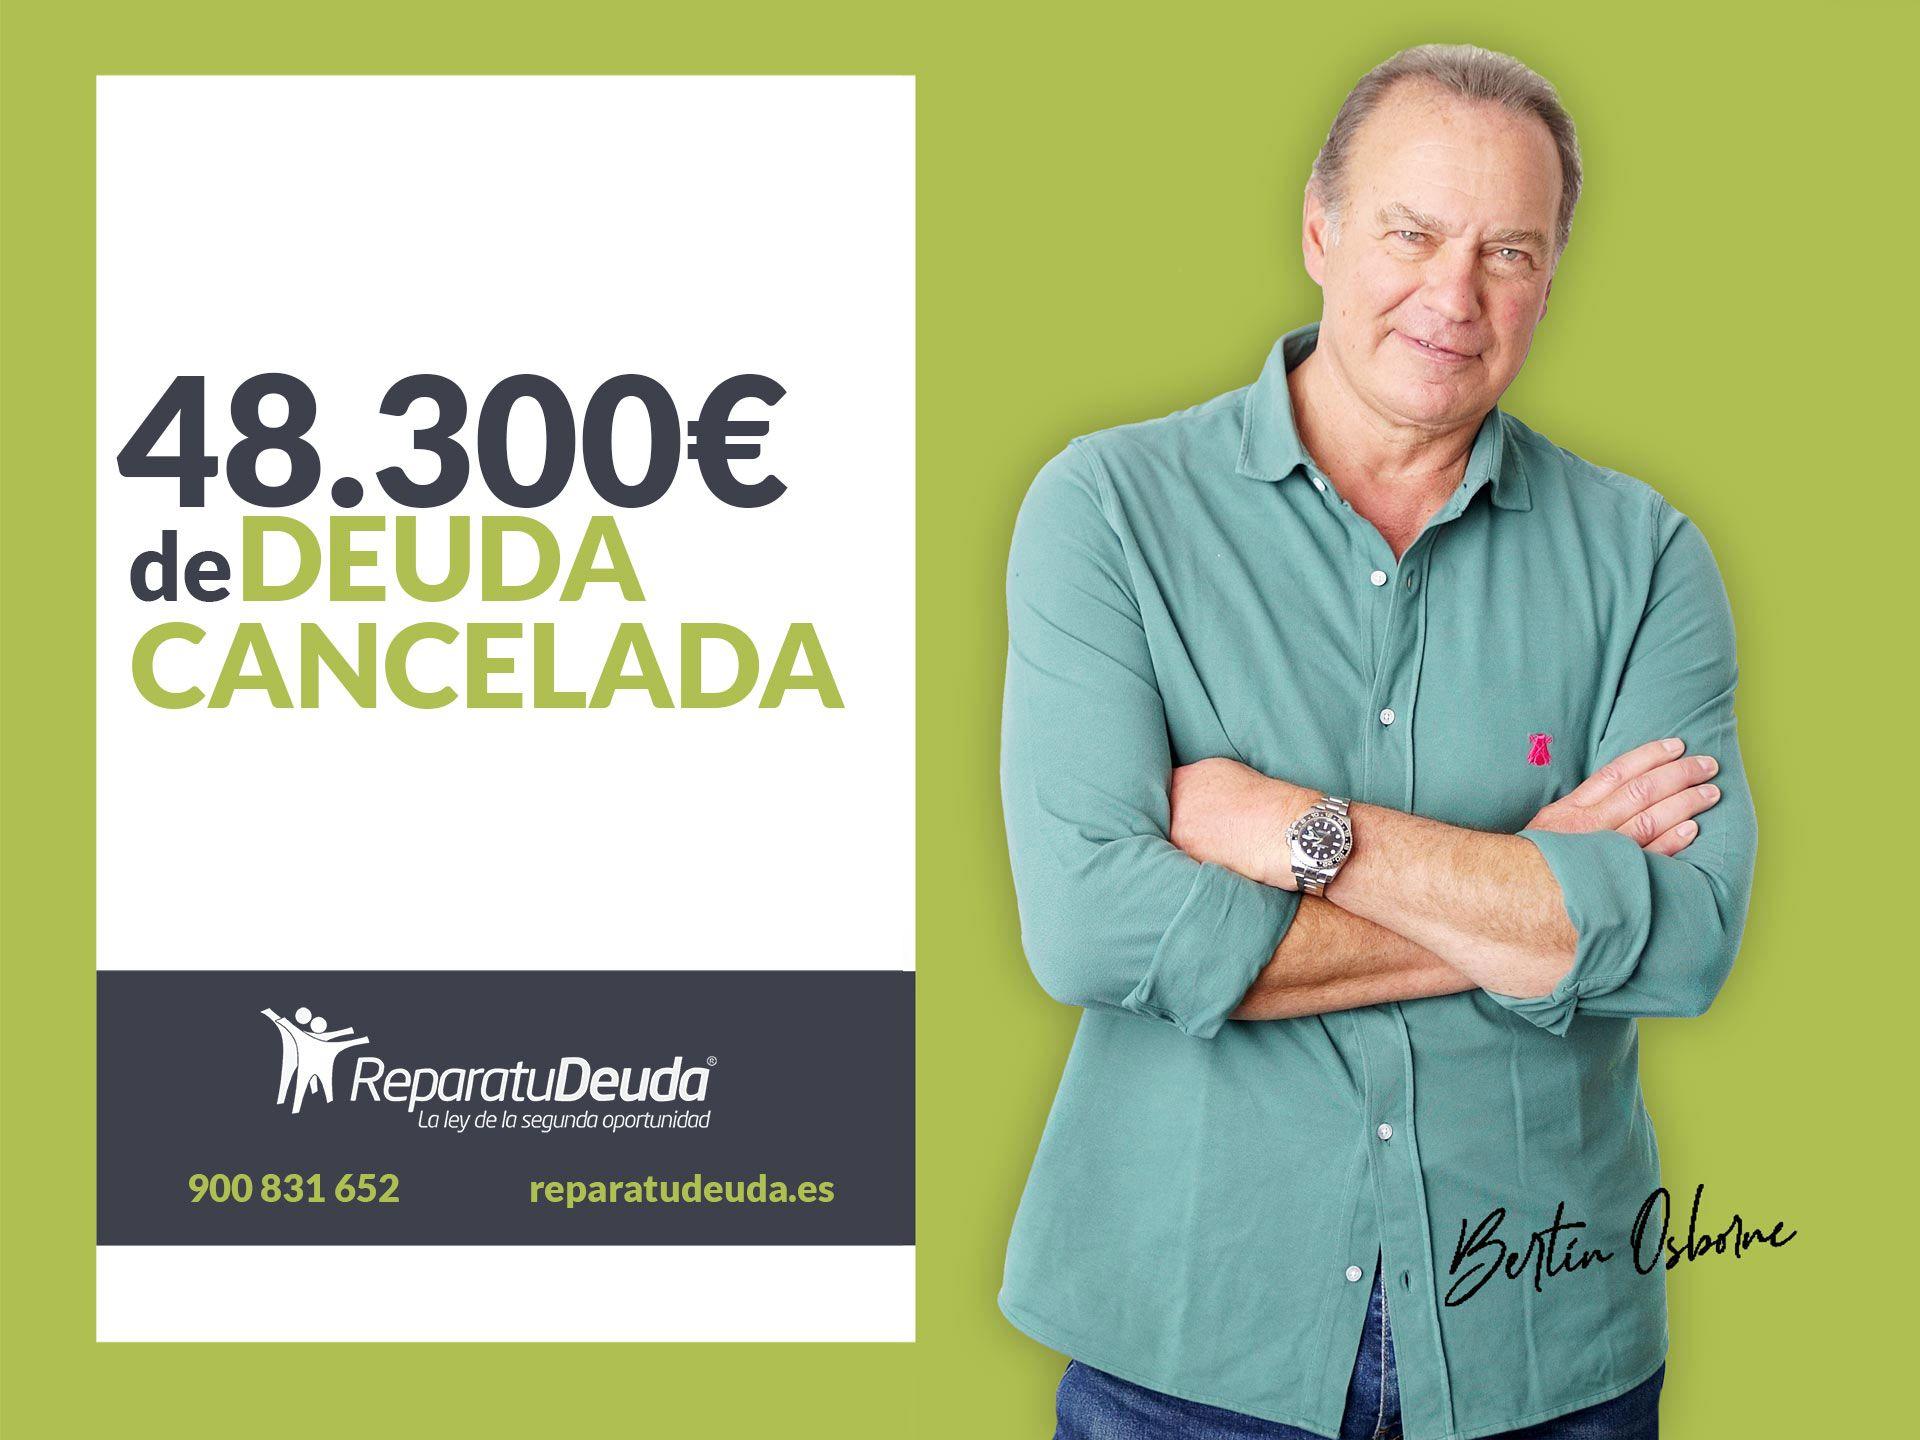 Repara tu Deuda Abogados cancela 48.300 ? en Sabadell (Barcelona) con la Ley de Segunda Oportunidad